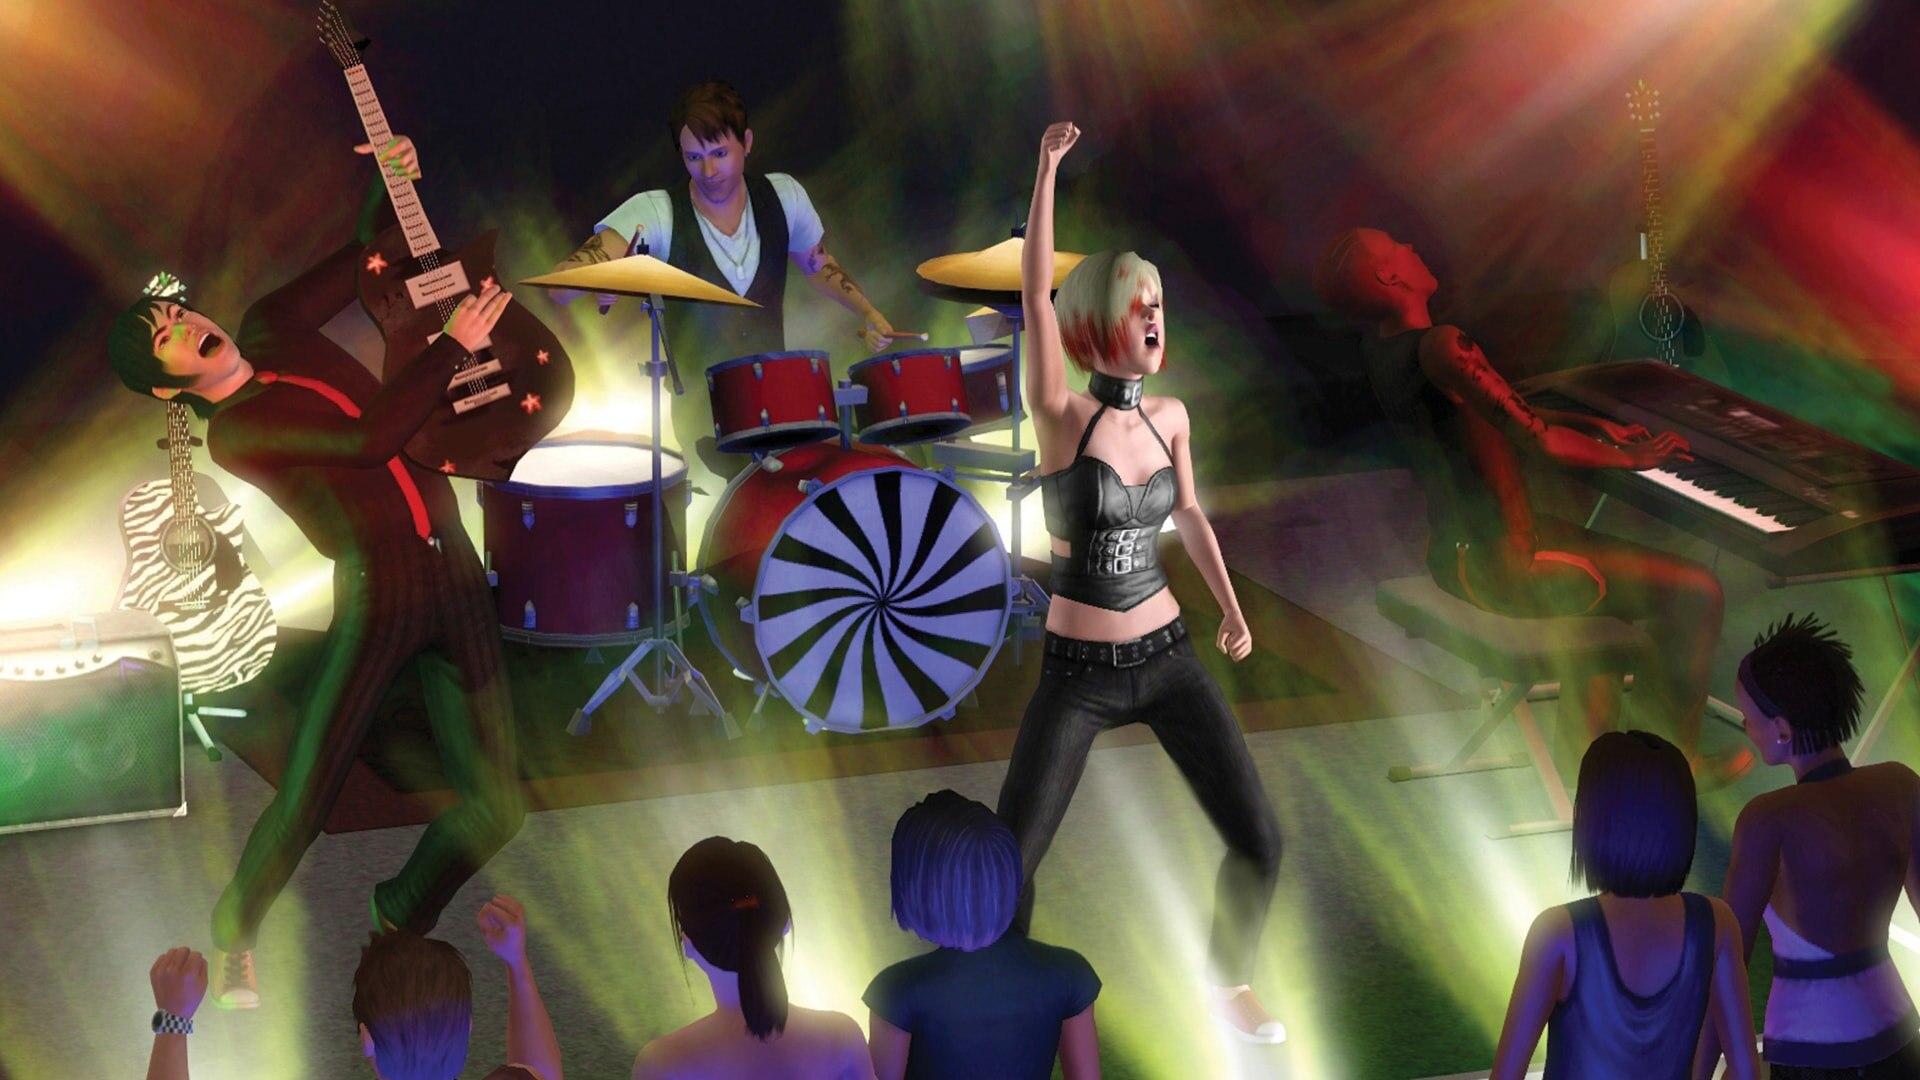 File:TS3 LateNight RockBand--article image.jpg